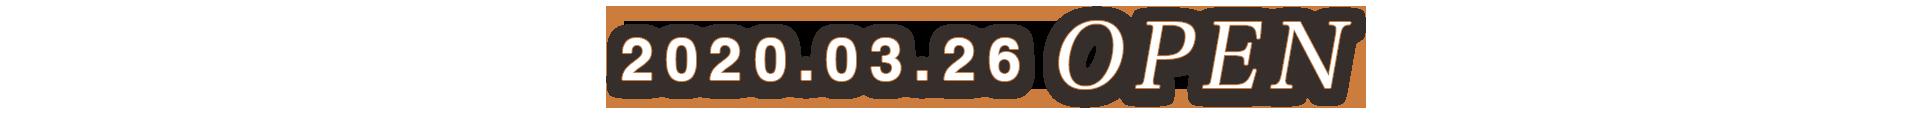 2020.03.26 OPEN